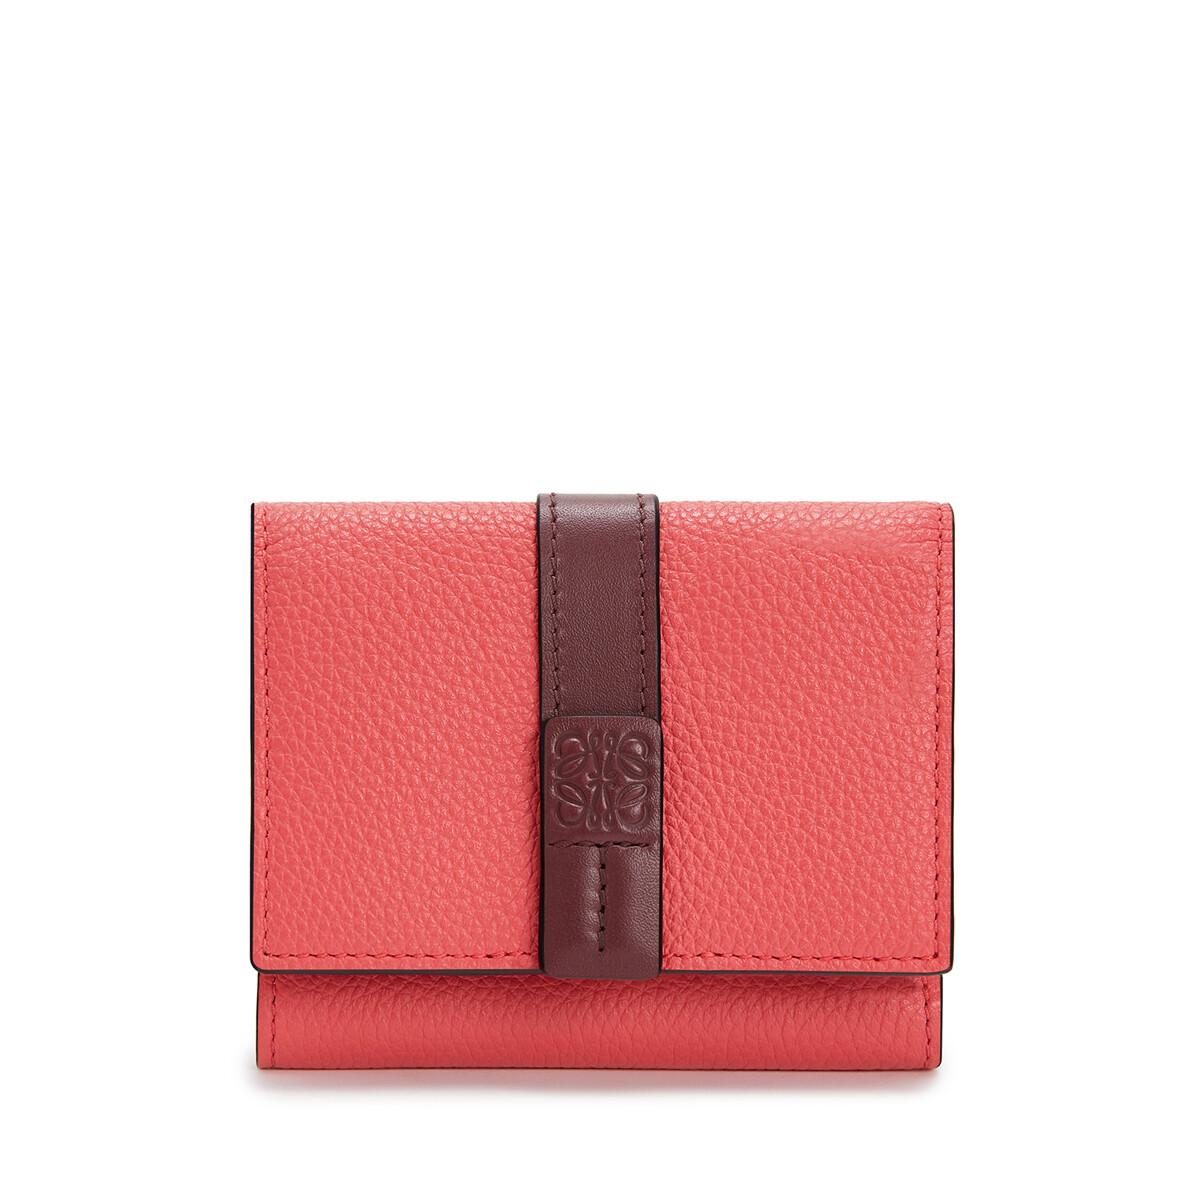 LOEWE 双折钱包 Poppy Pink front